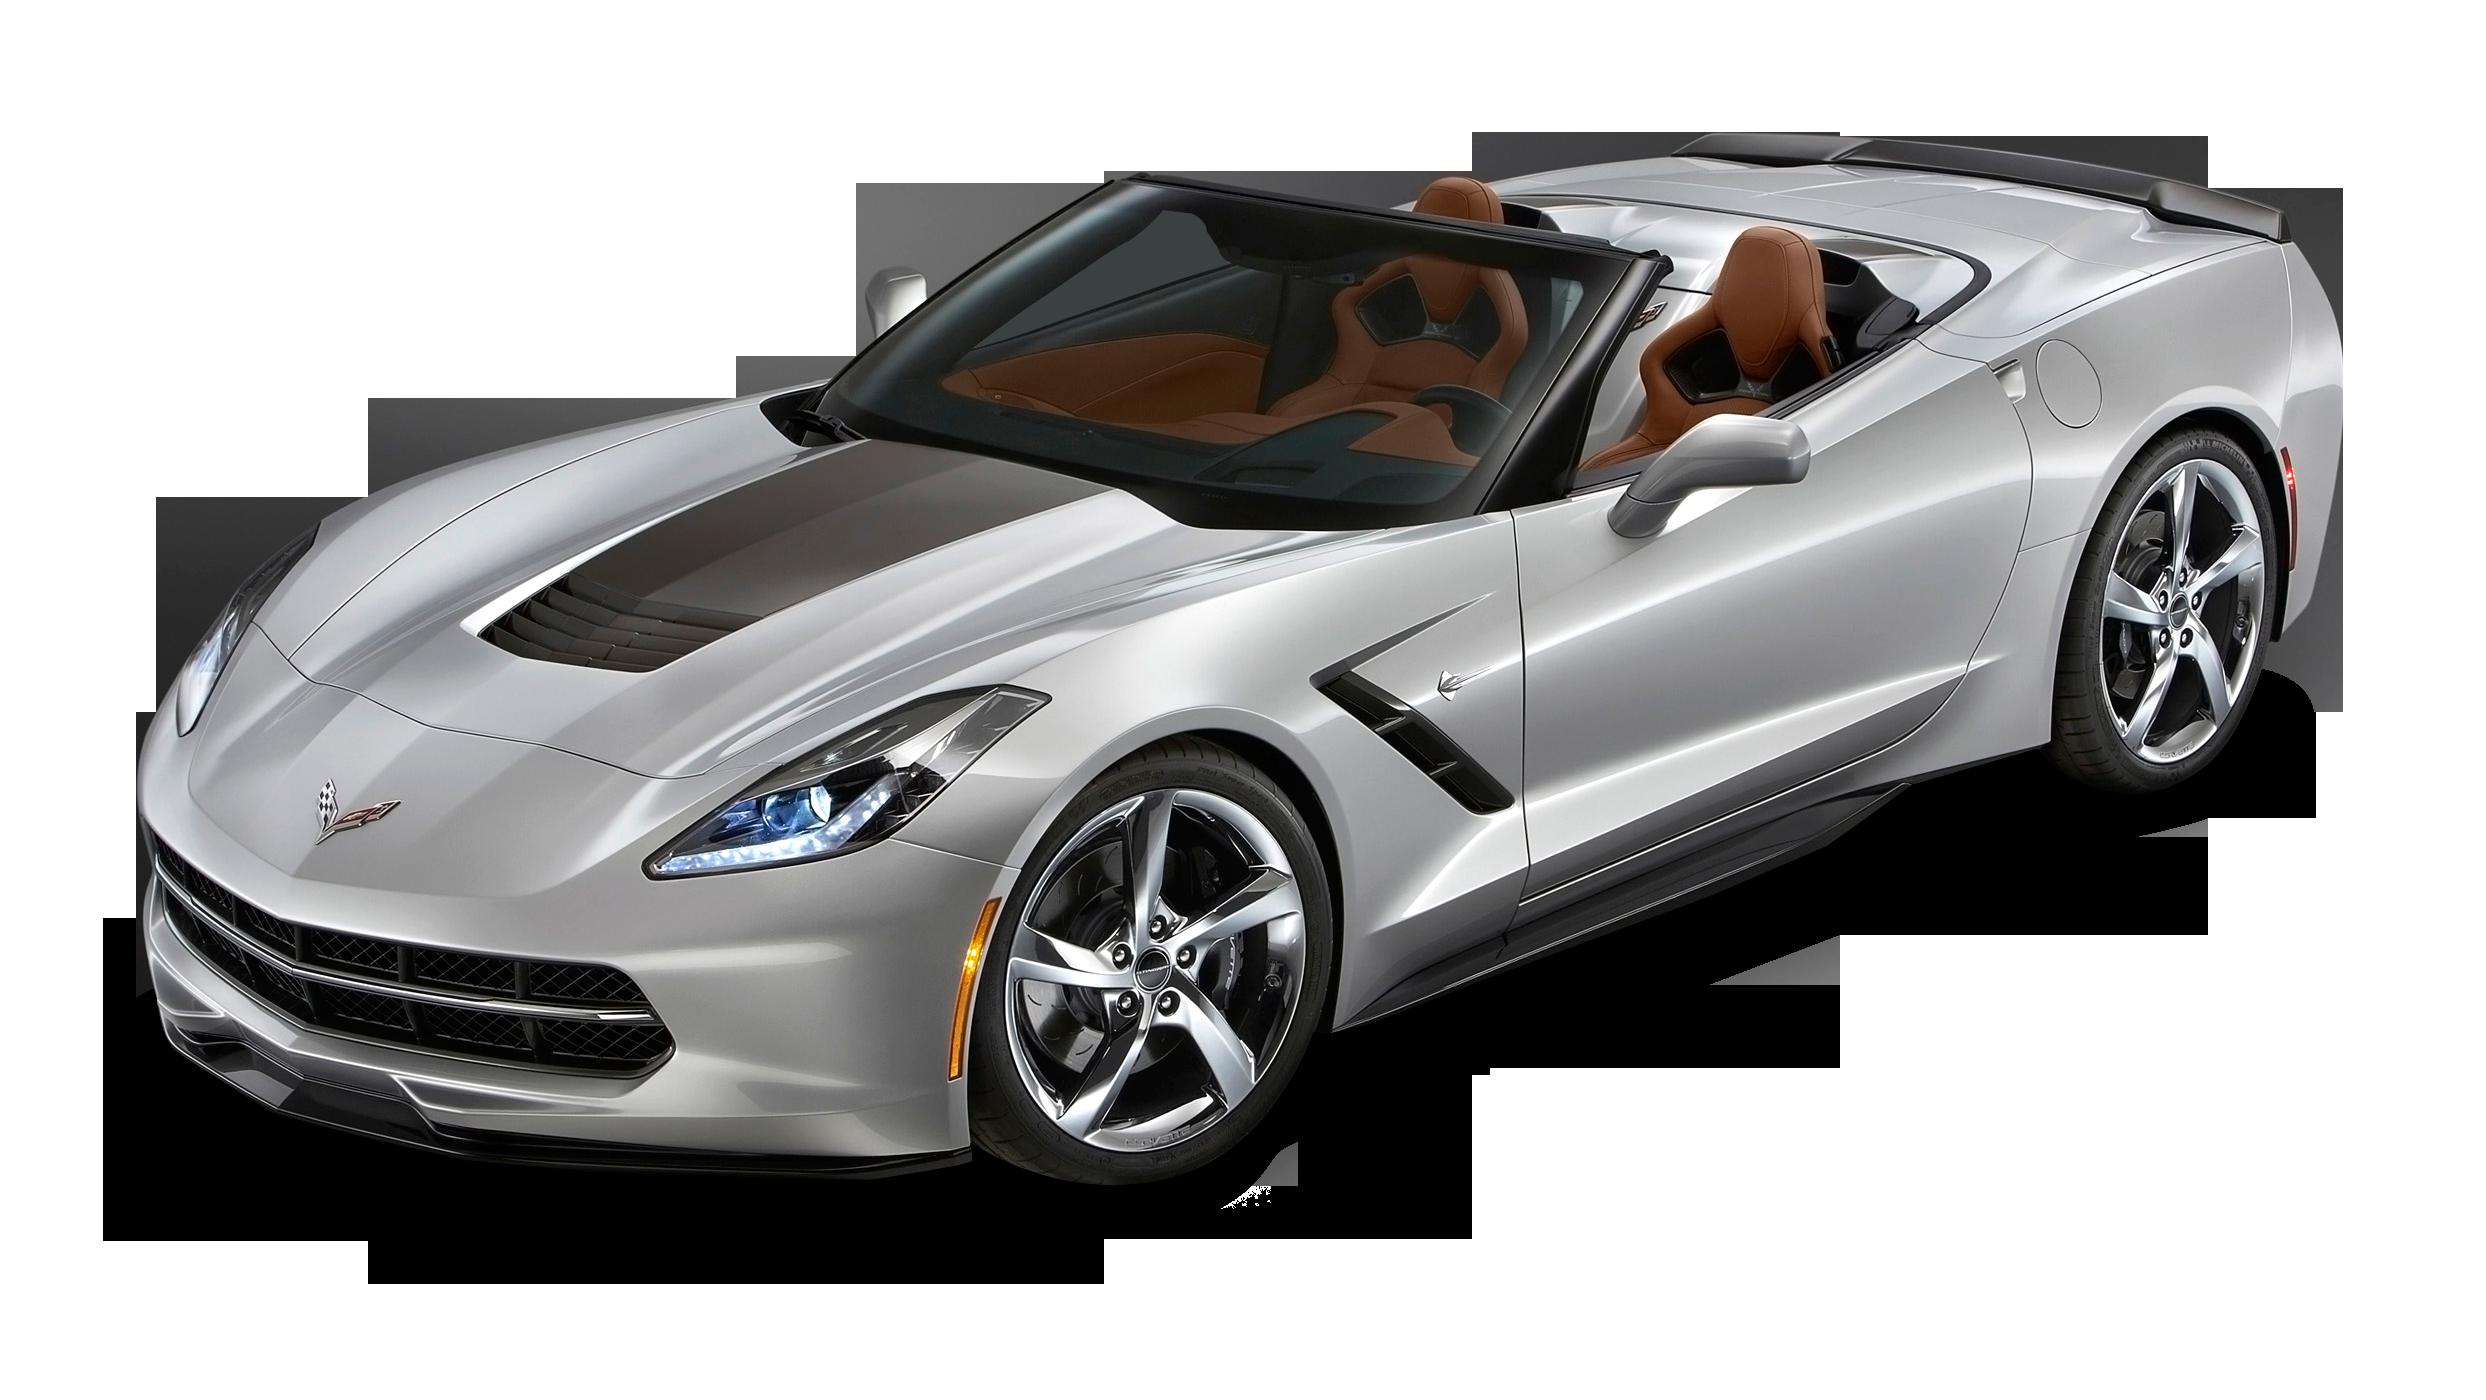 Chevrolet Corvette Concept Car PNG Image